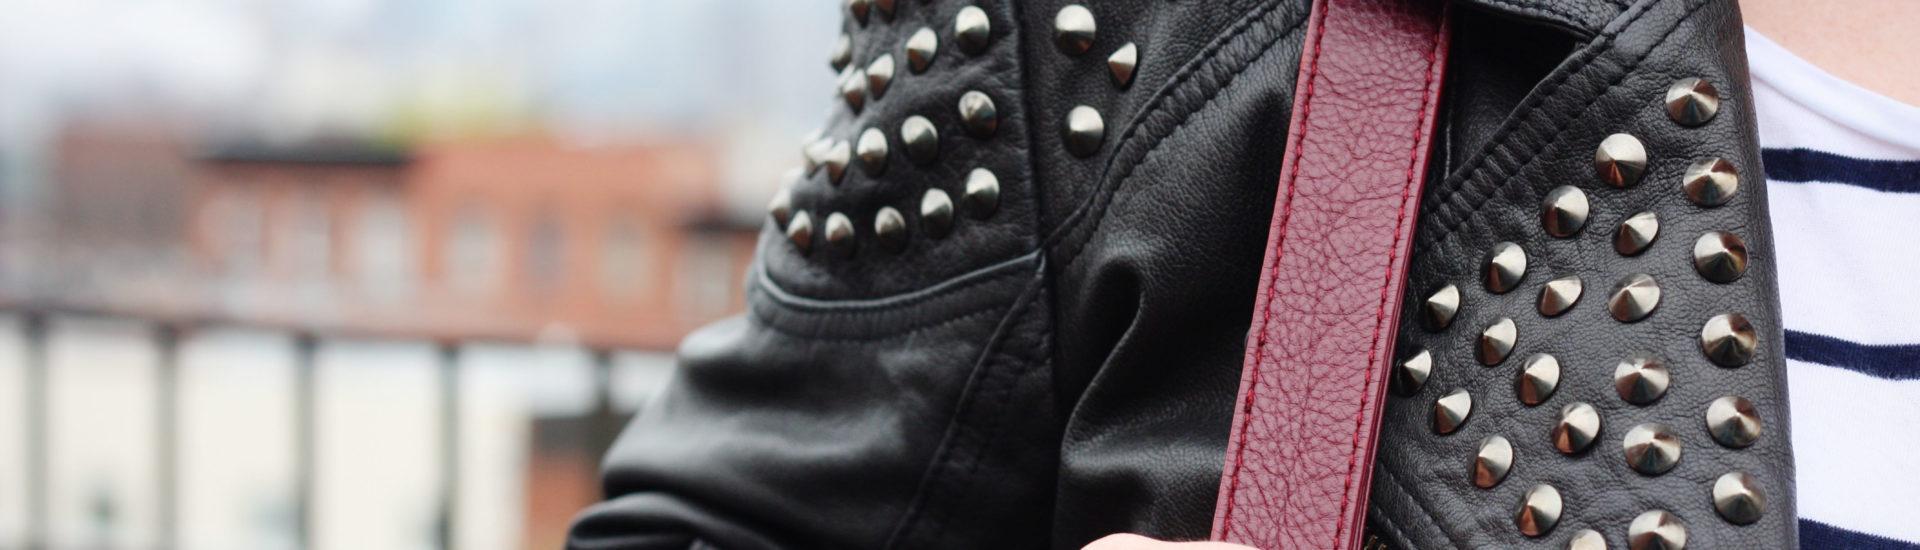 Leather studded biker jacket